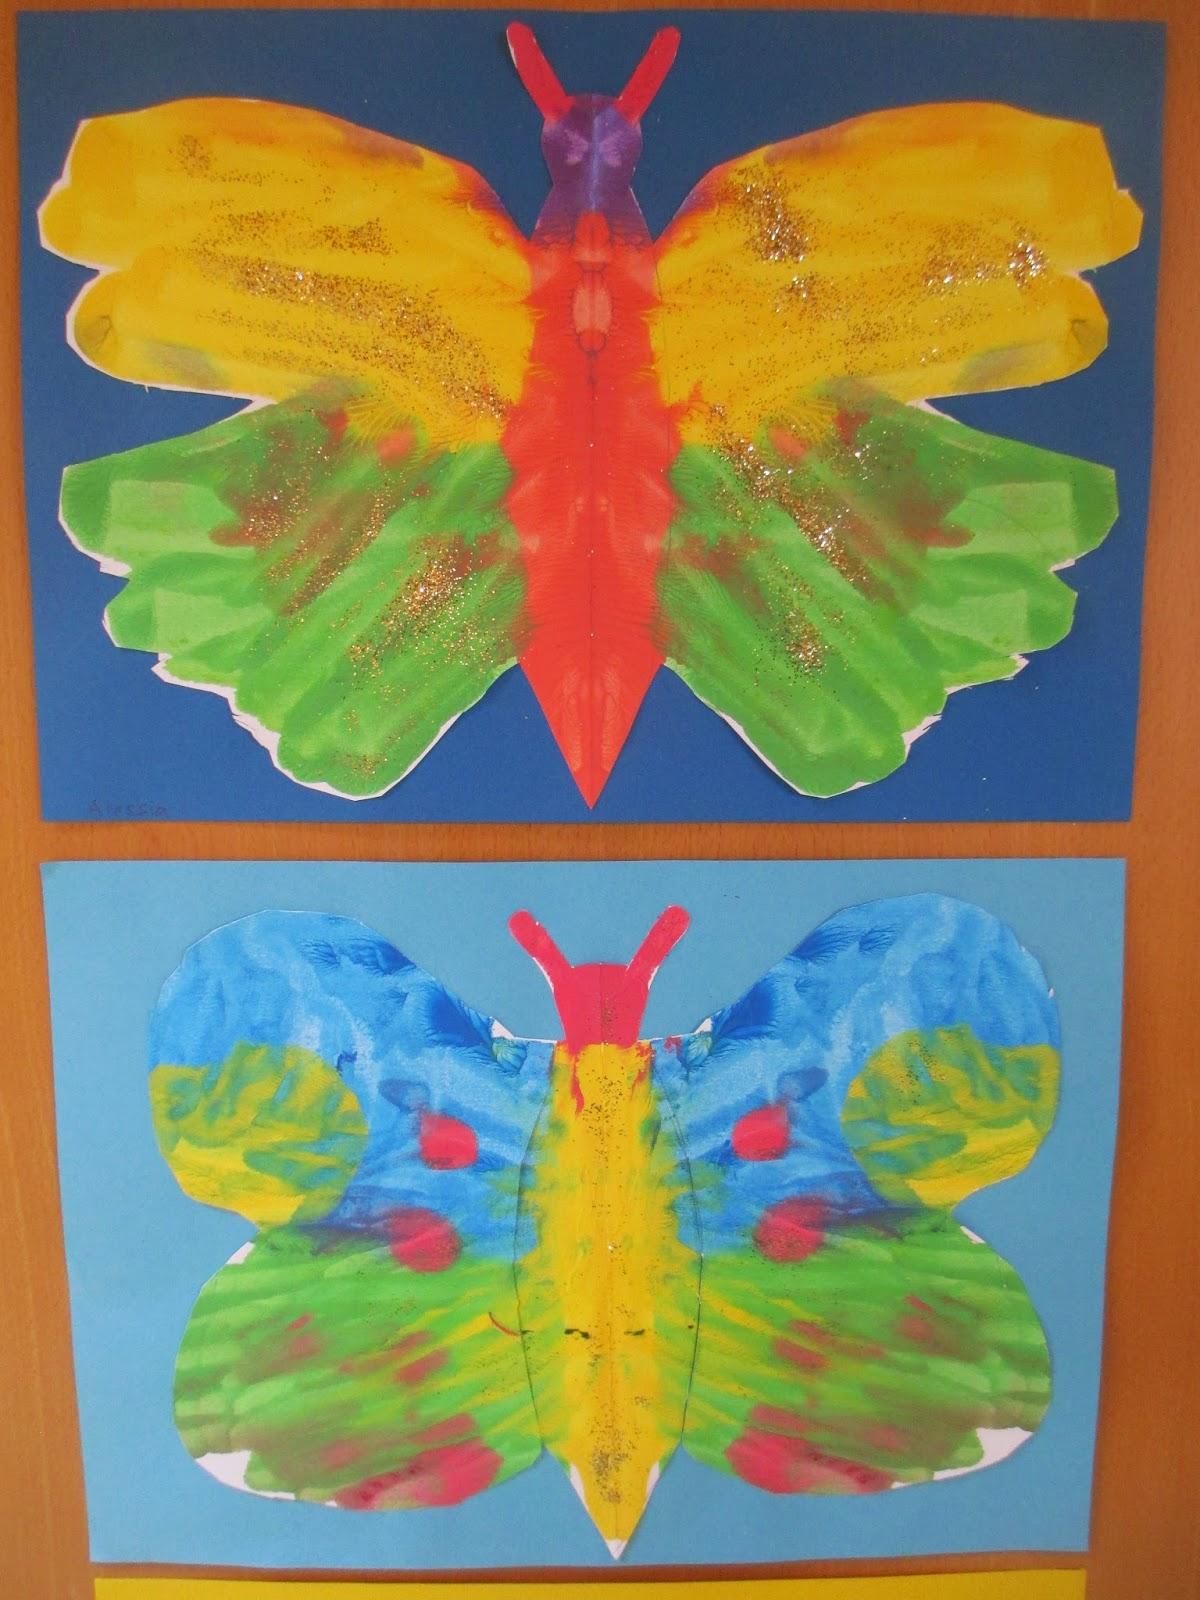 Bilder Zu Wasserfarben Malen Mit Kindern Ideen